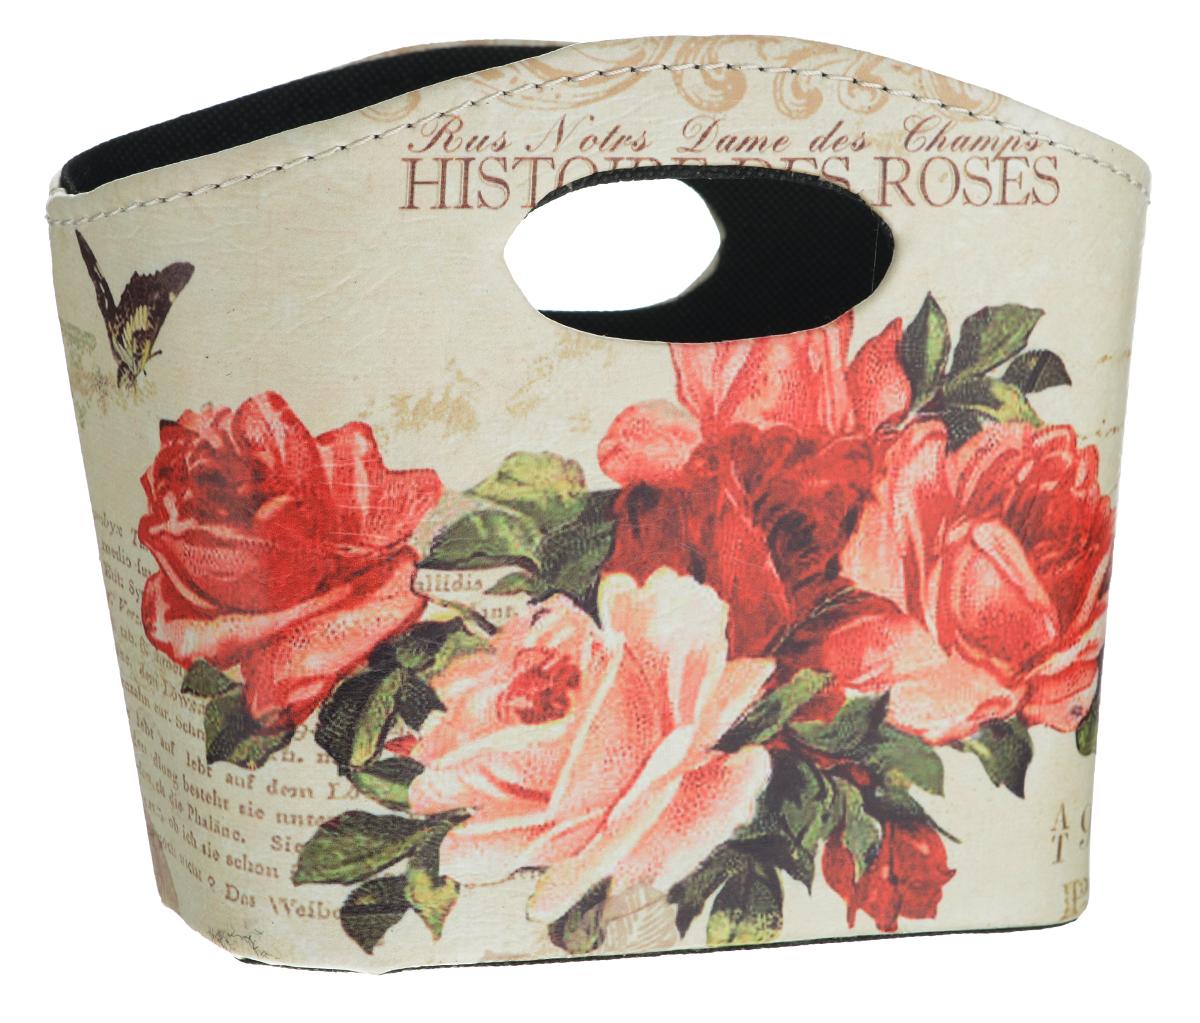 Сумка для хранения El Casa Розы, 20 см х 11 см х 16 см171173Интерьерная сумка El Casa Розы, выполненная из МДФ, текстиля и искусственной кожи, понравится всем ценителям оригинальных вещей. Благодаря прекрасному дизайну и необычной форме, такая сумка будет отлично смотреться в вашей гостиной или коридоре. В ней можно хранить всевозможные мелочи: расчески, заколки, журналы или газеты. Сумка El Casa Розы станет отличным подарком для ваших друзей и близких.